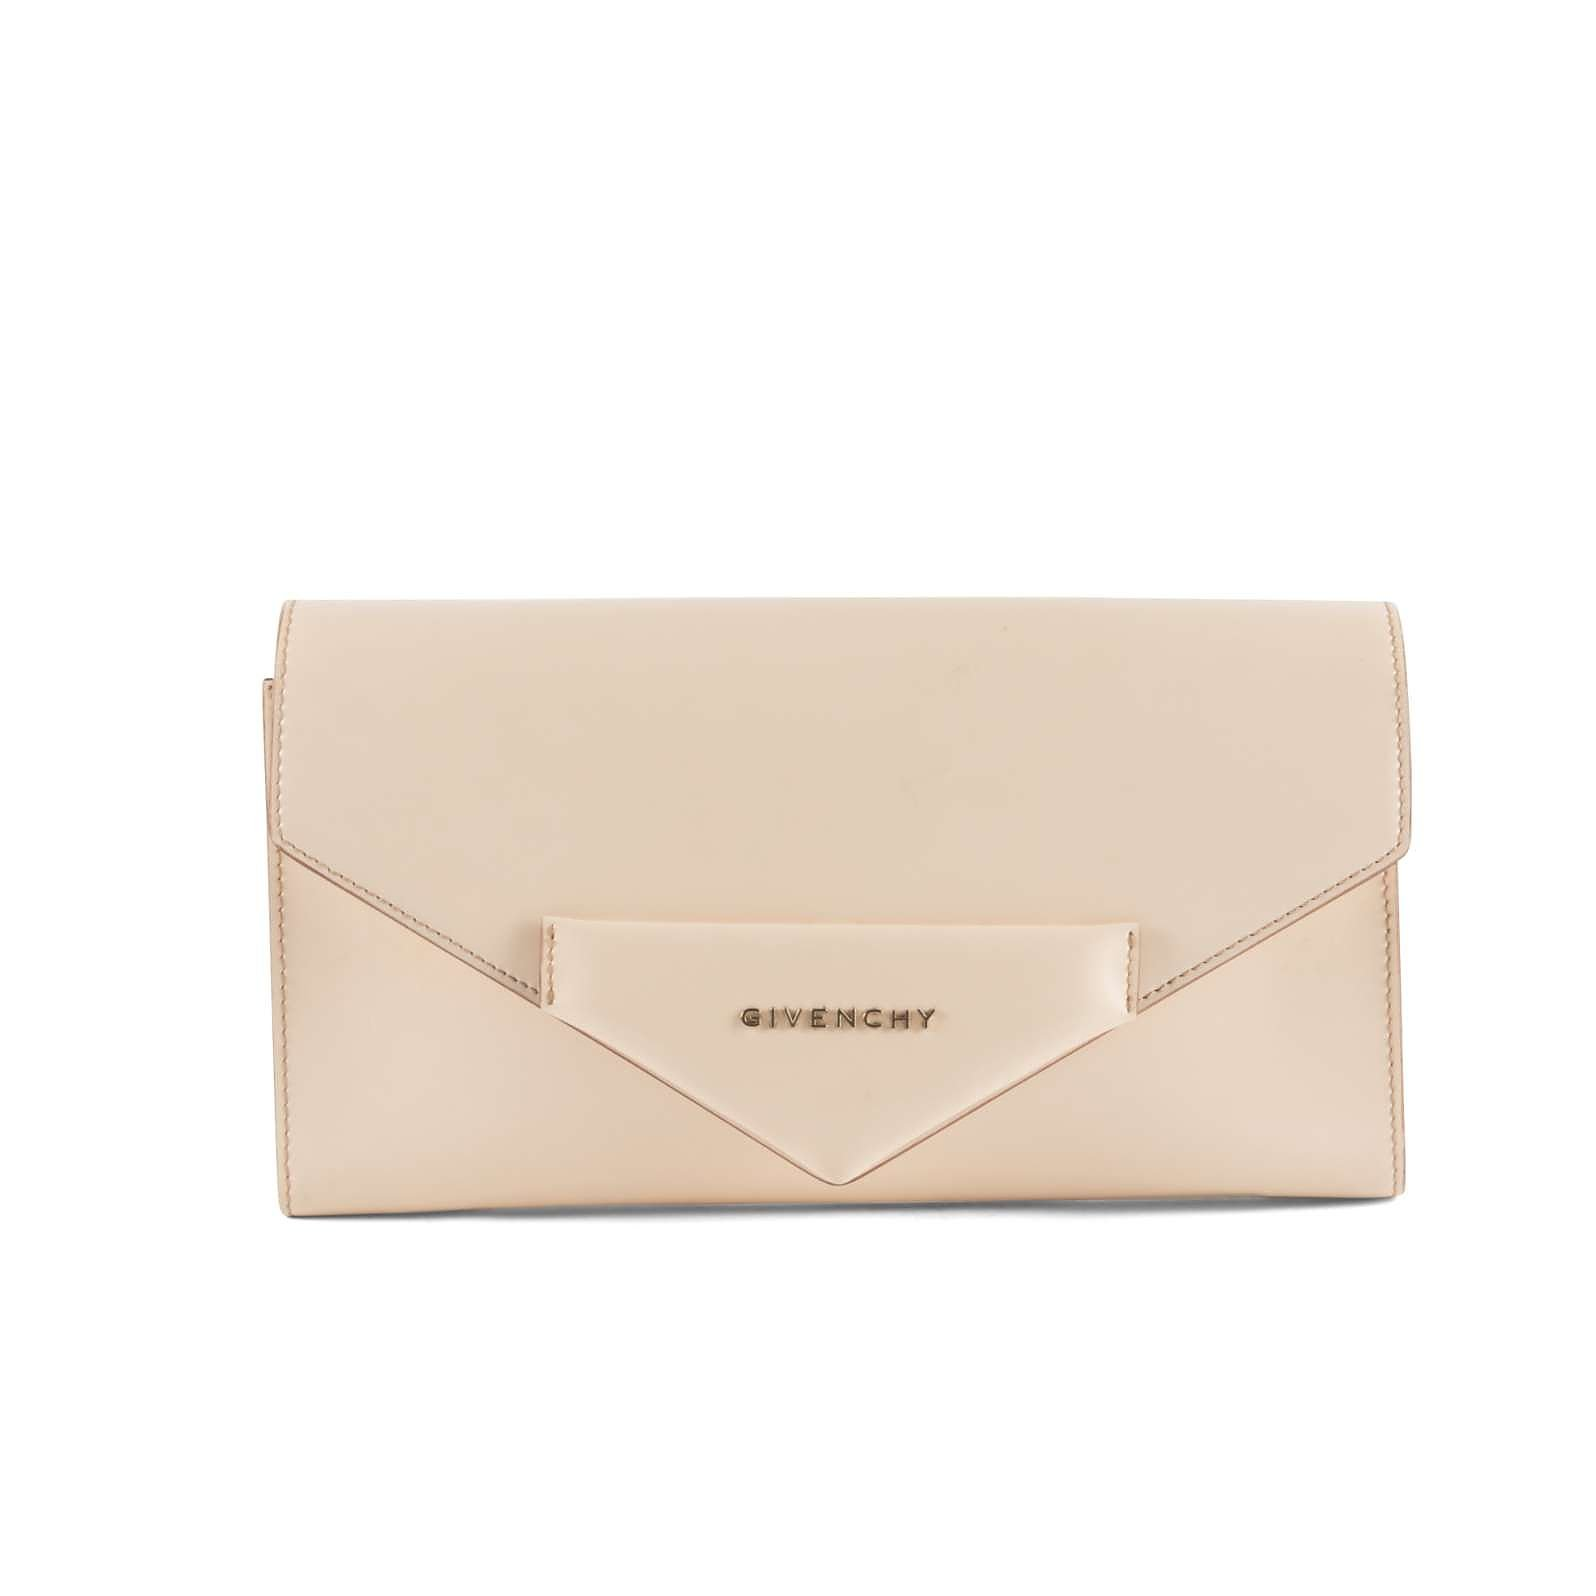 Givenchy Envelope Clutch Bag